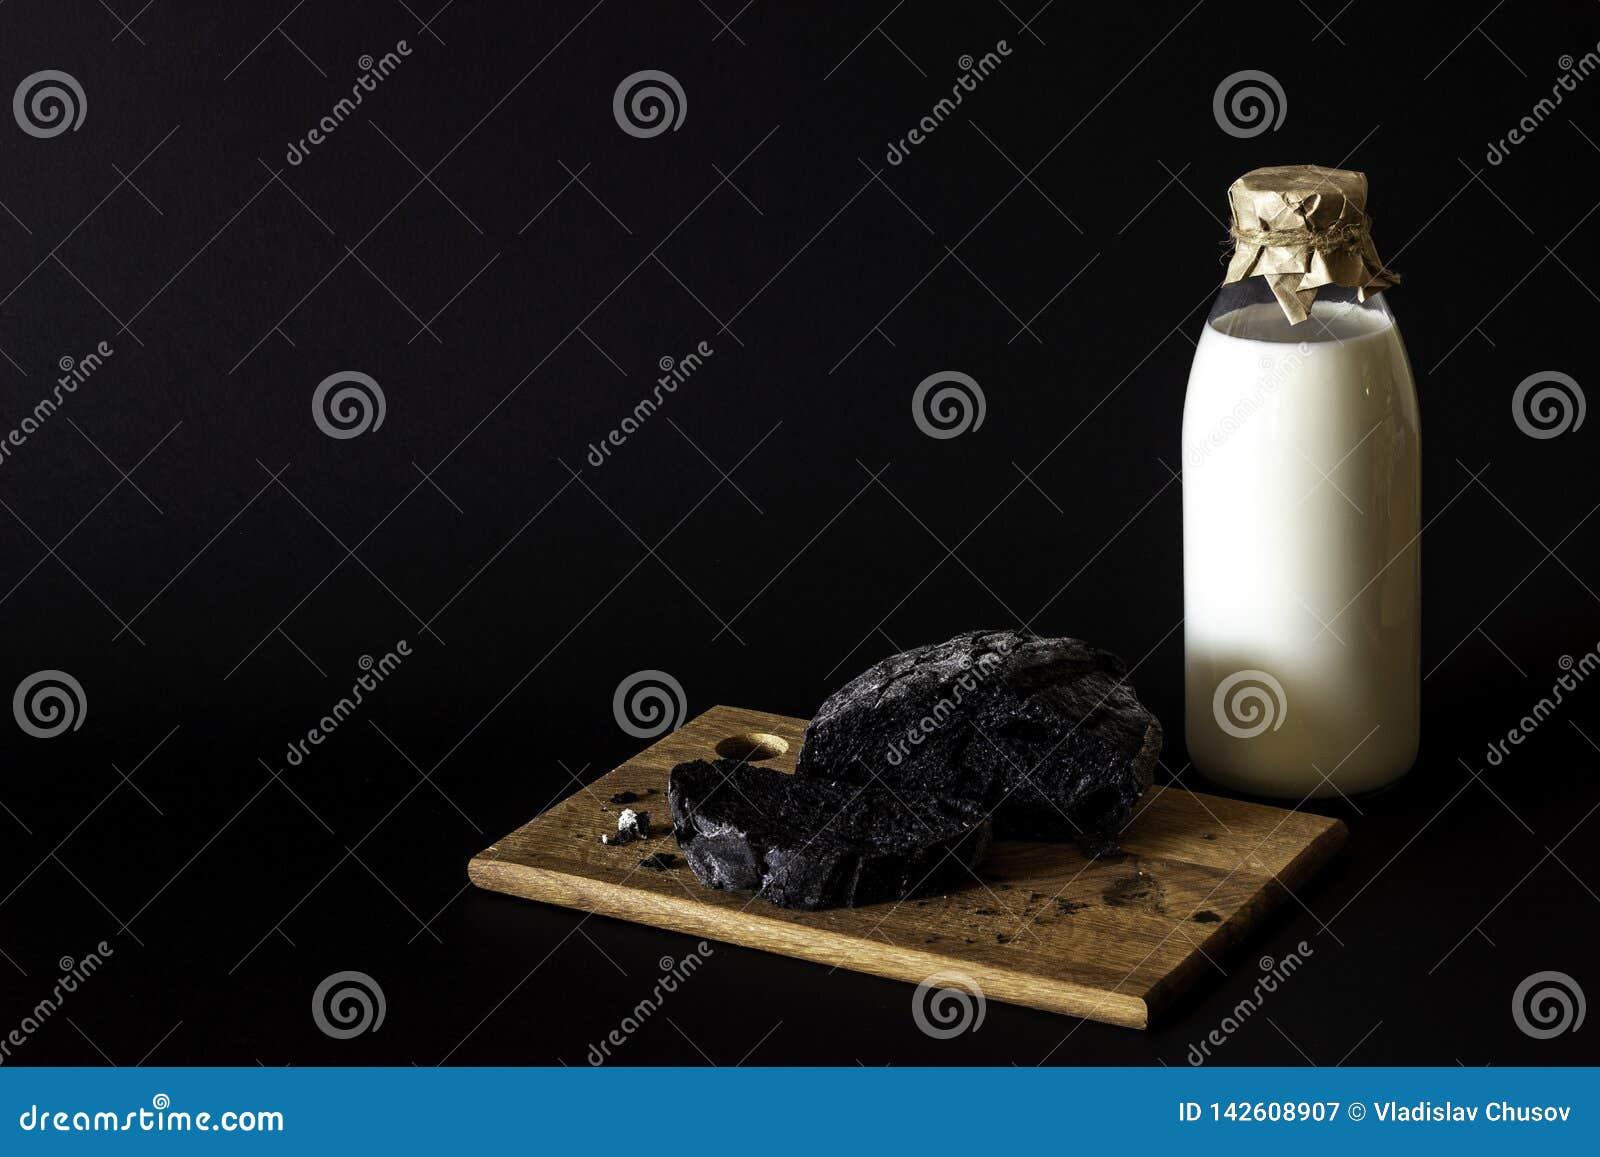 Γάλα και ψωμί σε ένα μαύρο υπόβαθρο